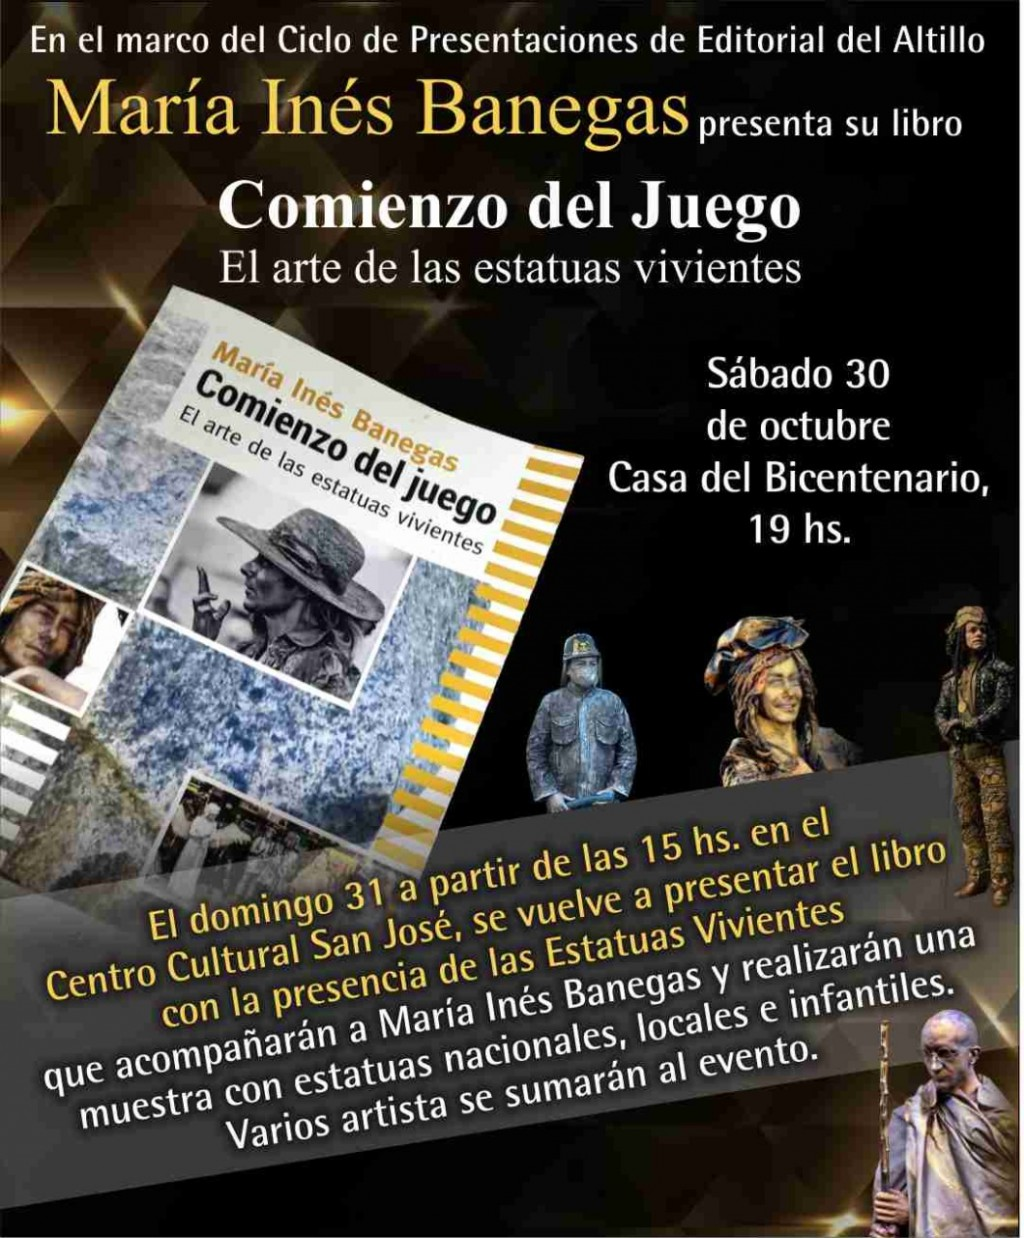 María Inés Banegas presenta su libro 'Comienzo del juego, el arte de las estatuas vivientes'